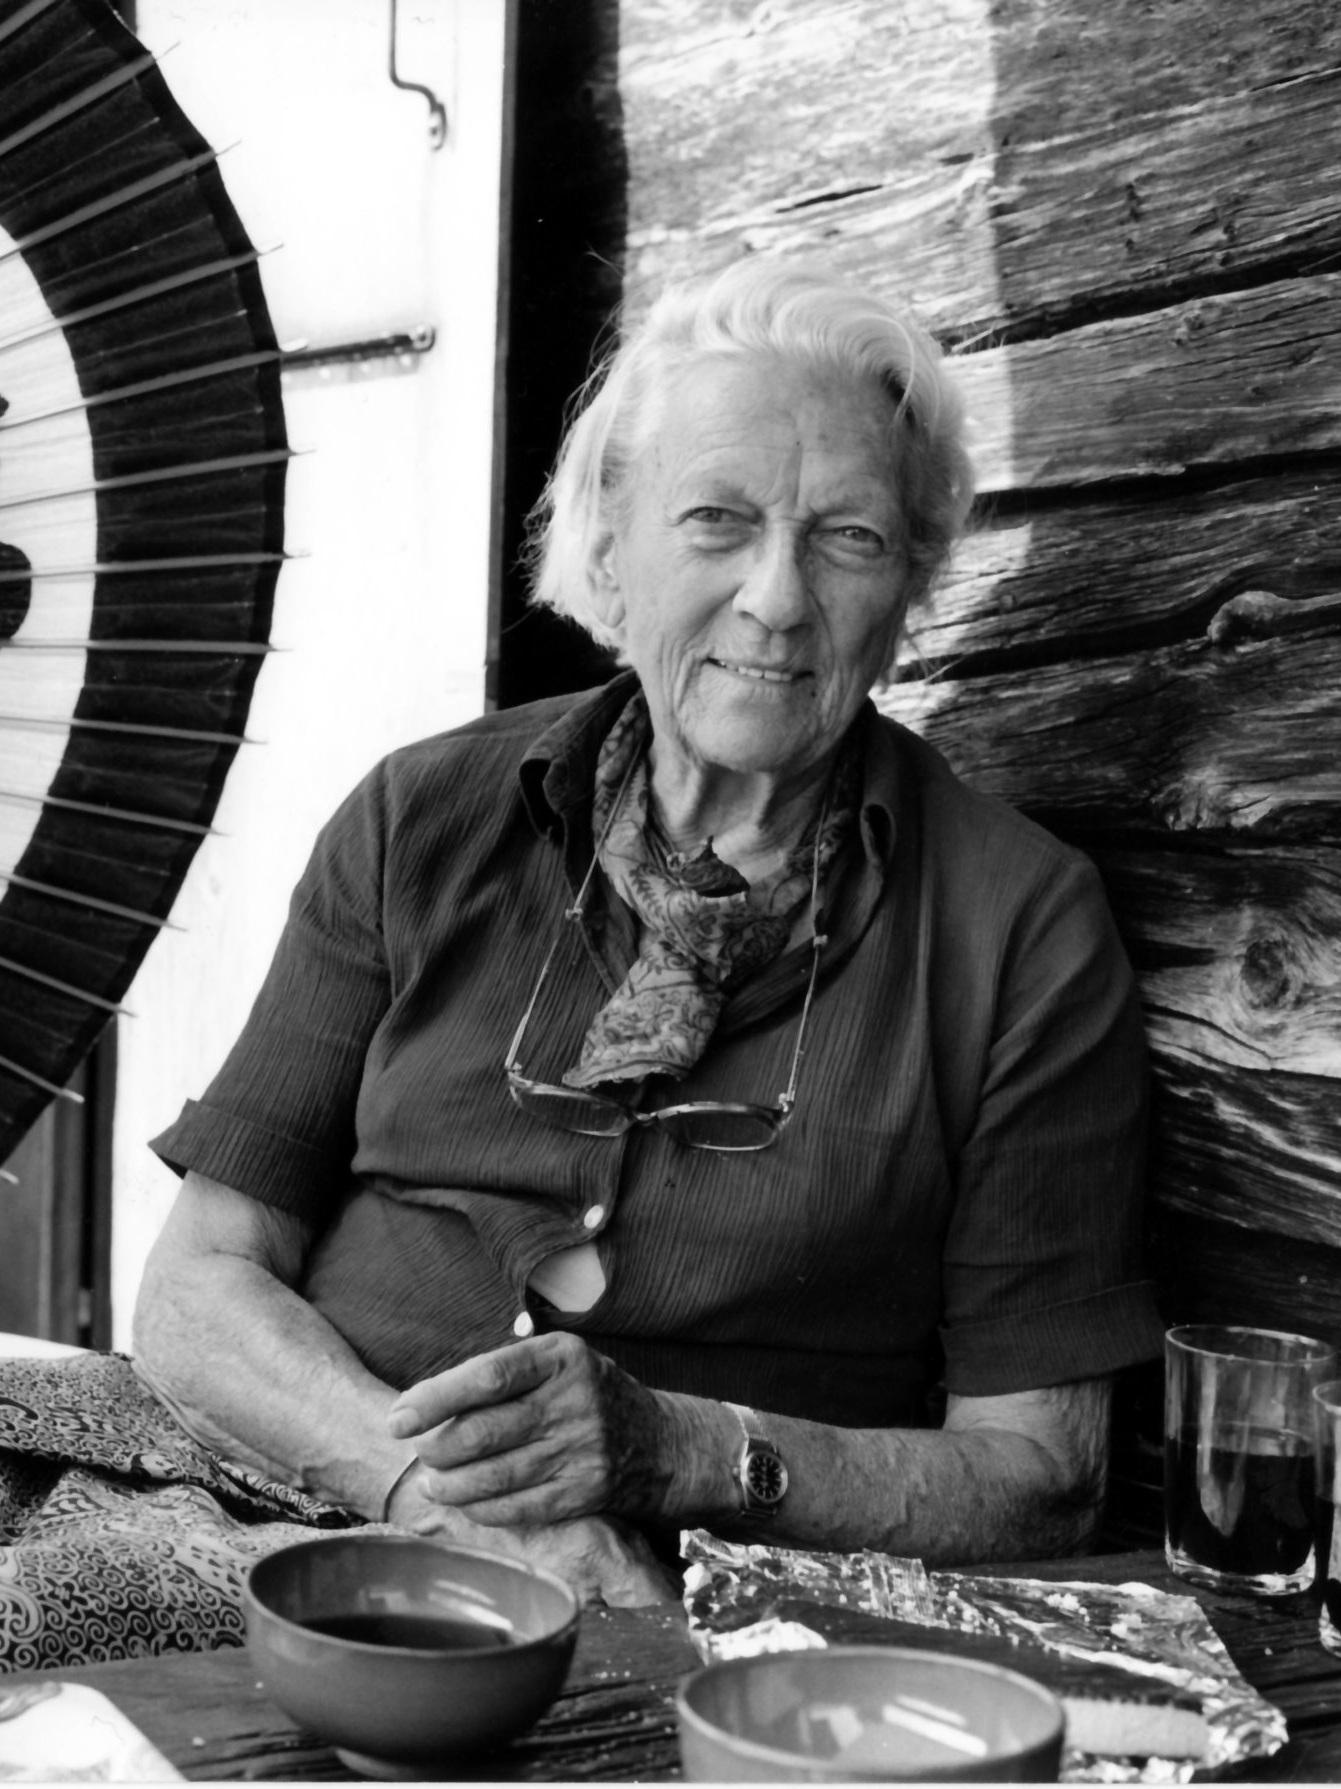 Ella Maillart - Ella Maillart, 1903–1997, trat für die Schweiz 1924 bei der Olympiade im Einhandsegeln an und war Mitglied der Schweizer Nationalmannschaft der Skifahrerinnen. Sie unternahm viele Reisen in den Nahen und Fernen Osten, erst für Le Petit Parisien, später für Buchreportagen, etwa Auf kühner Reise, Turkestan Solo und Verbotene Reise.Bild © Anneliese Hollman